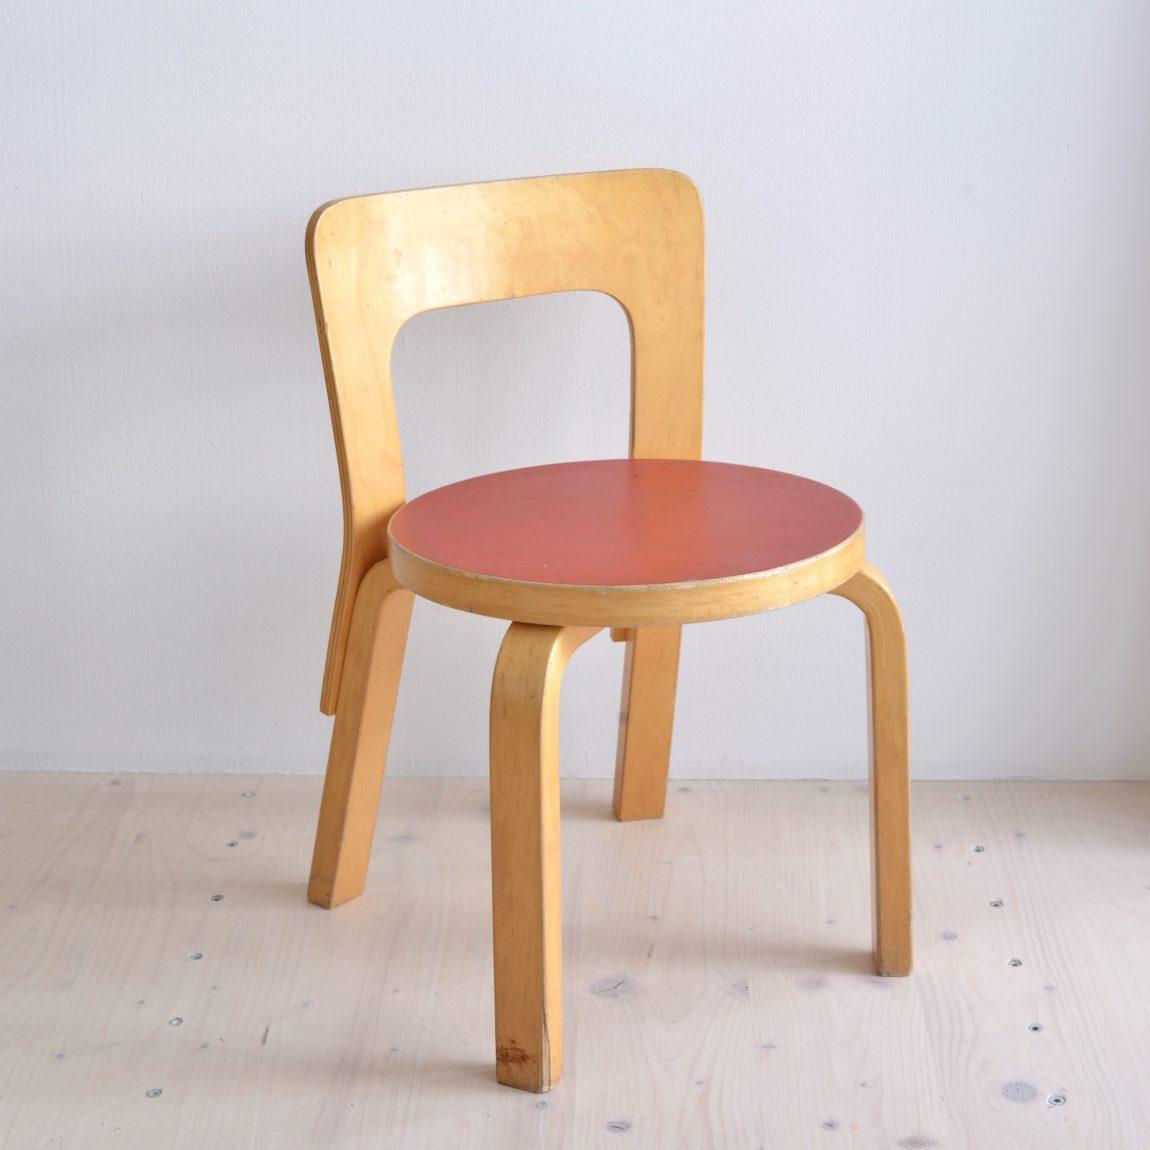 Children's Chair N65 Alvar Aalto Vintage heyday moebel Zürich Zurich